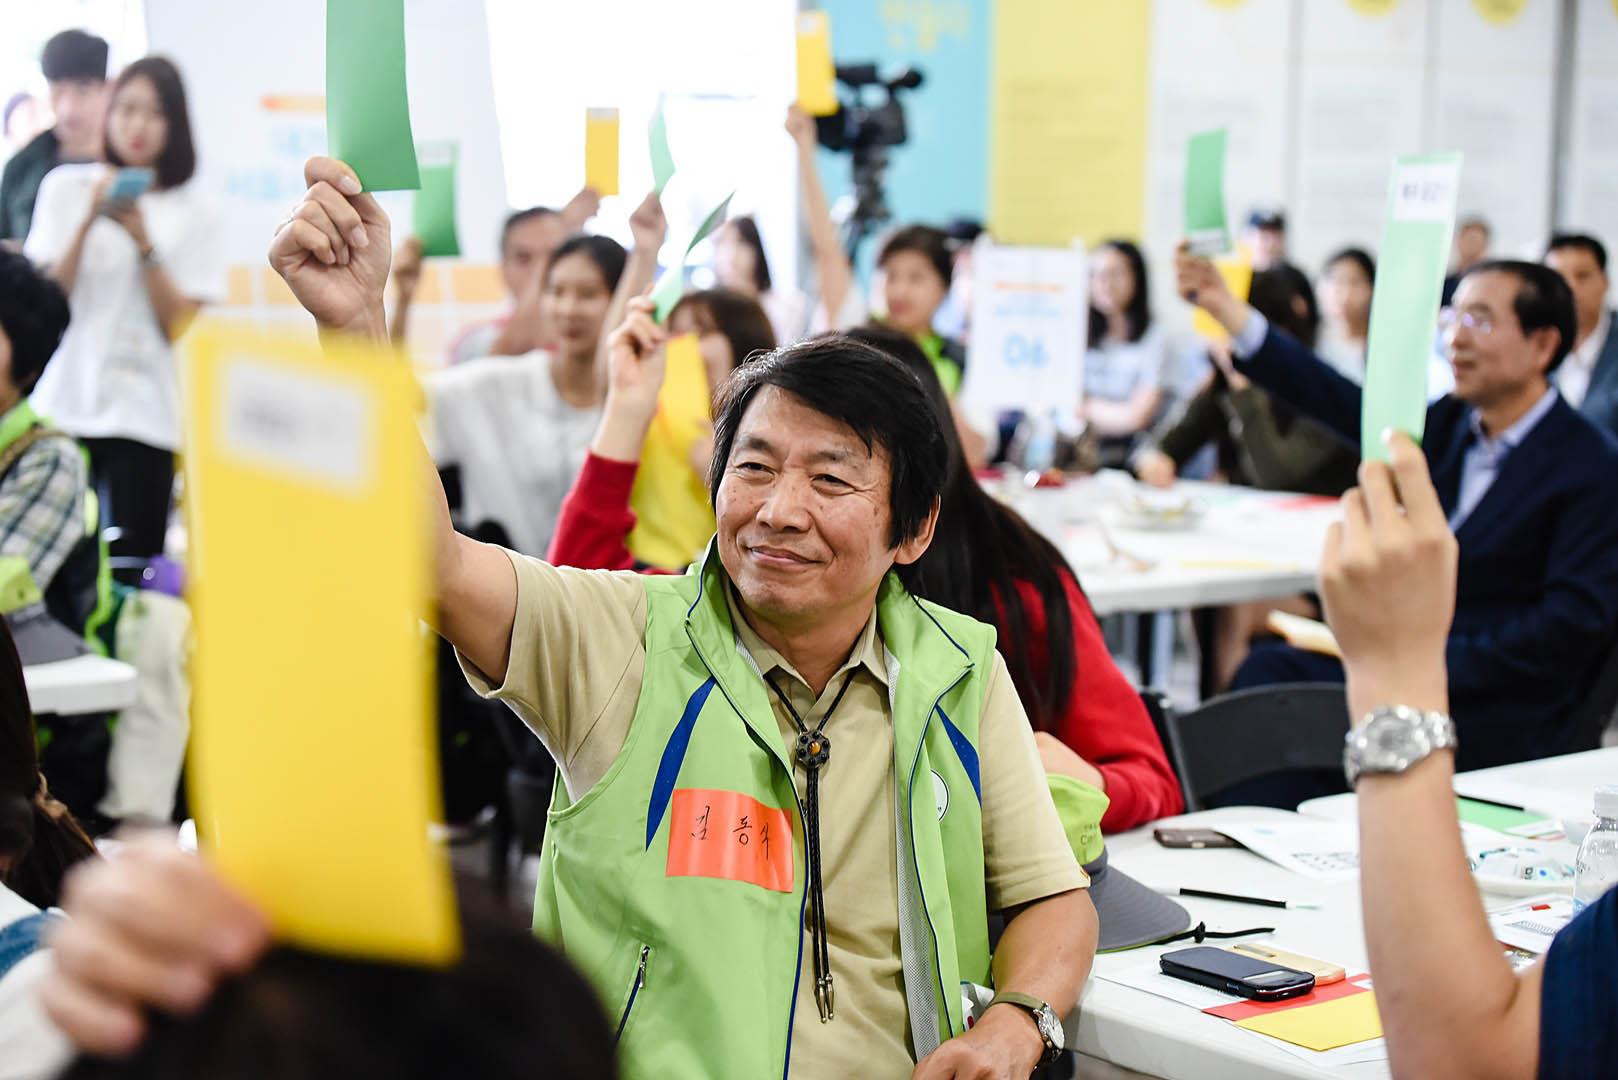 지난 9월 12일 서울정책박람회 클로징행사 중 참가자들이 우수정책제안을 뽑는 투표를 하고 있다.